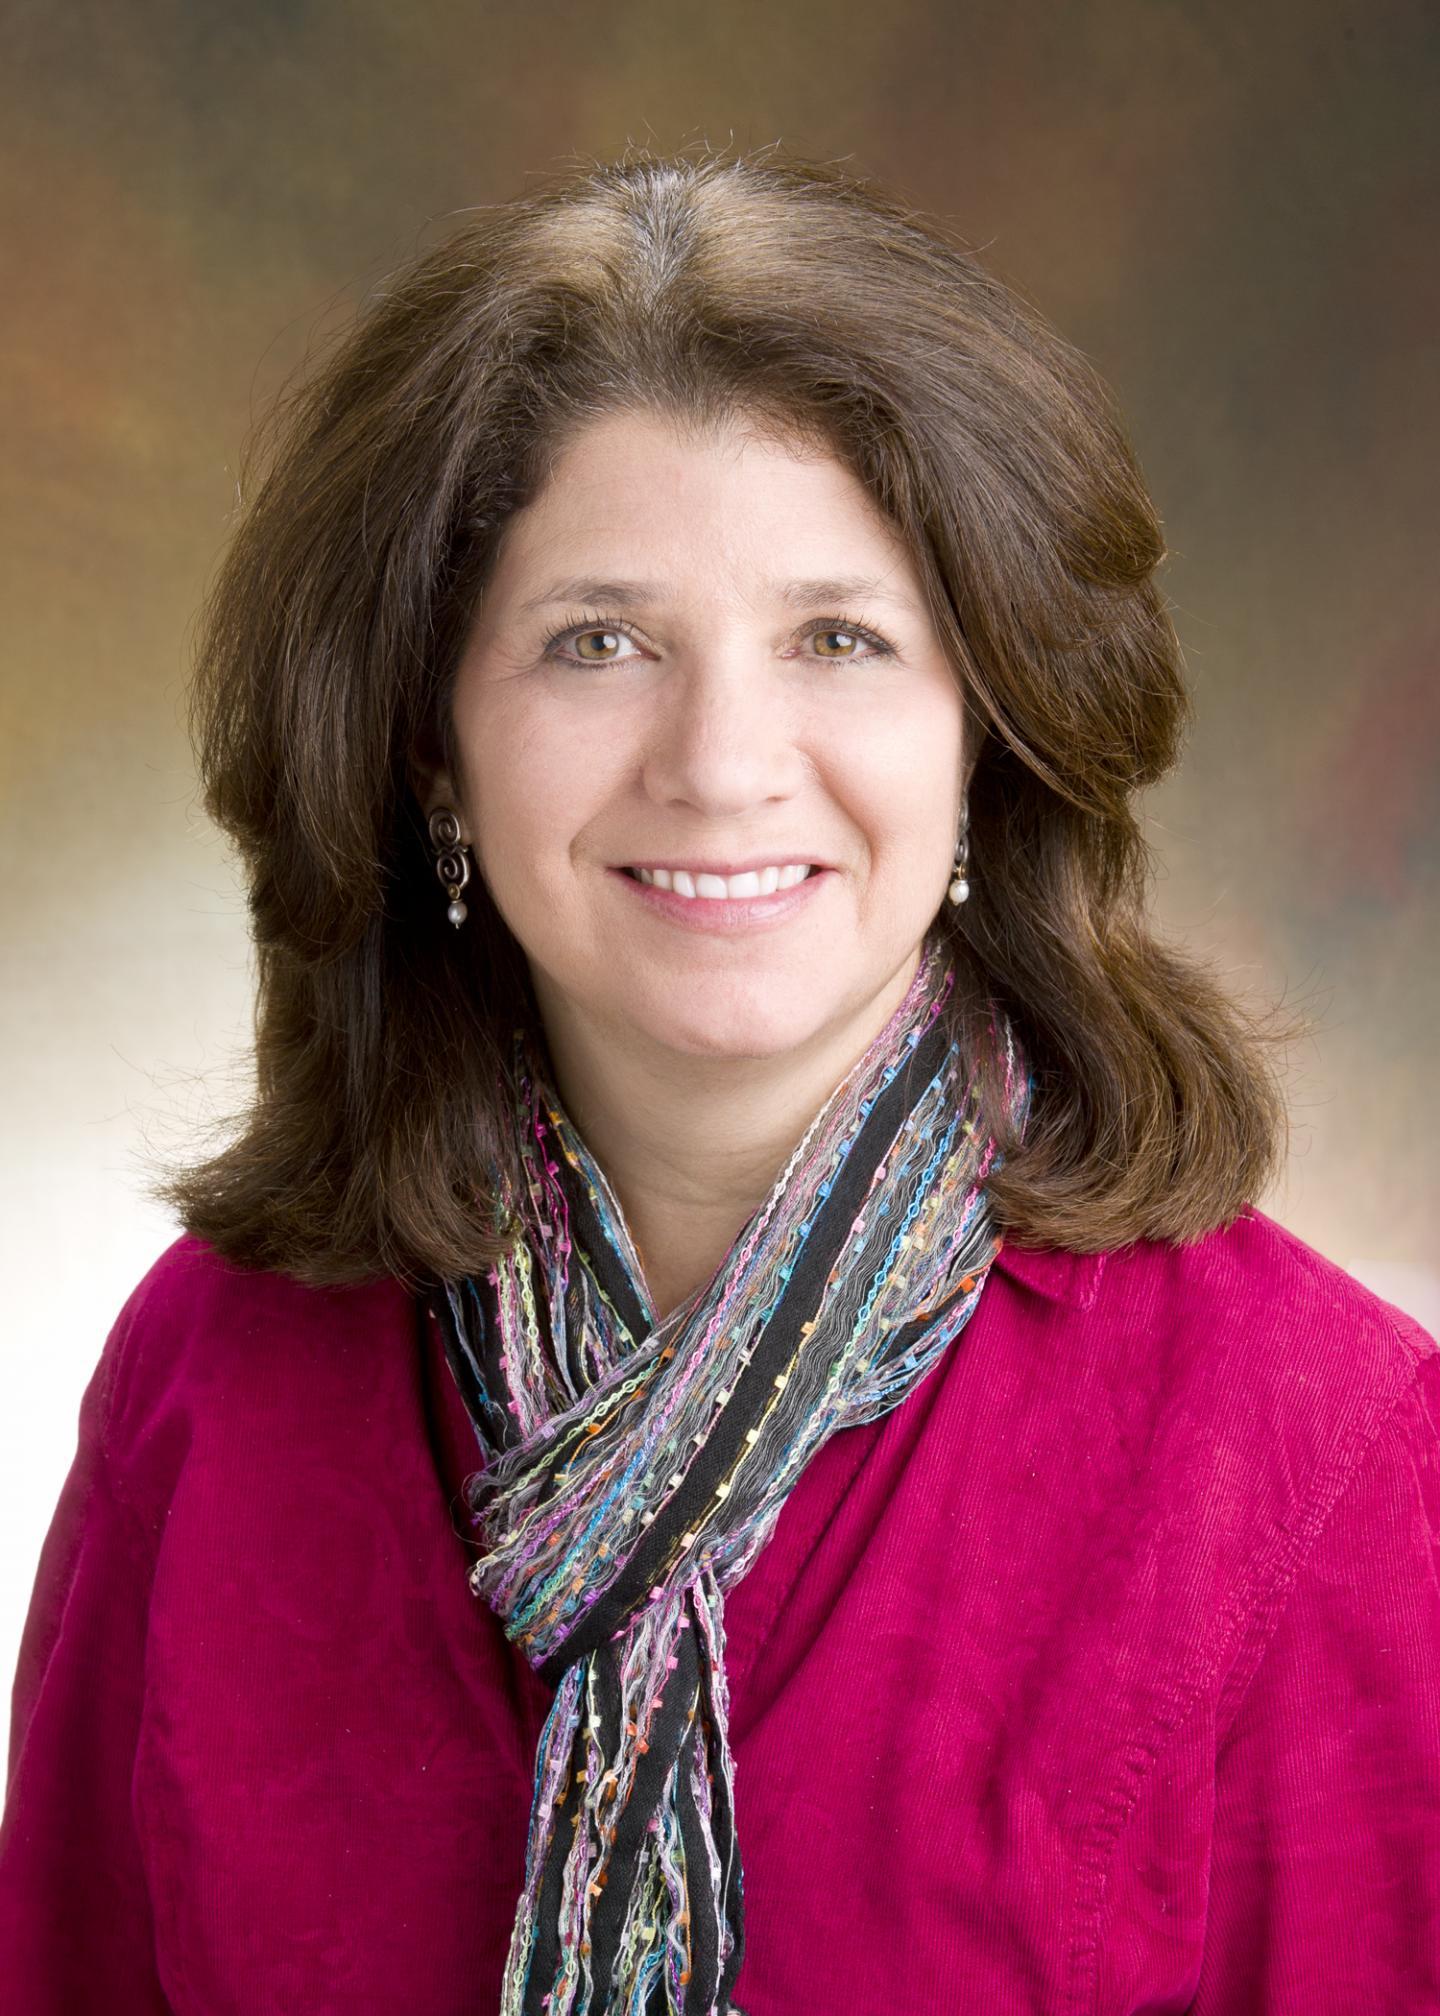 Babette Zemel, The Children's Hospital of Philadelphia